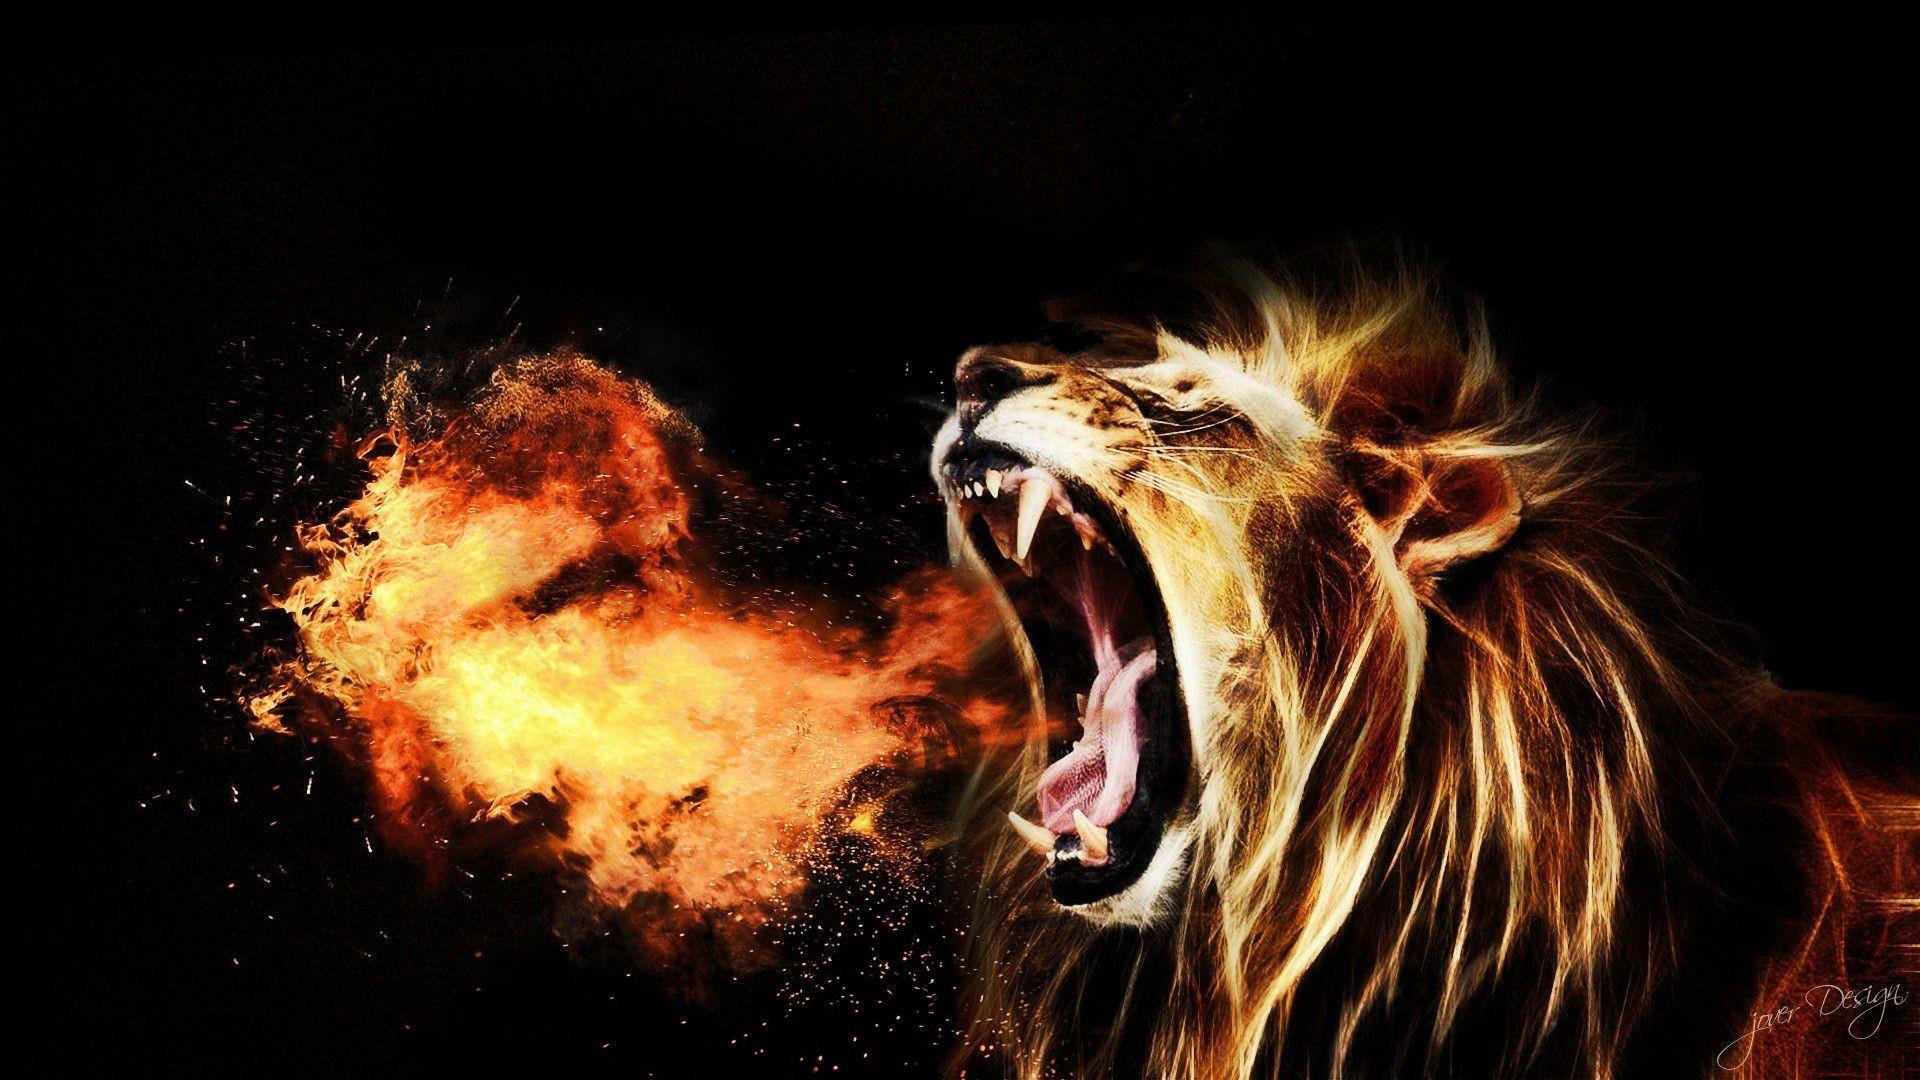 lion roar wallpaper hd